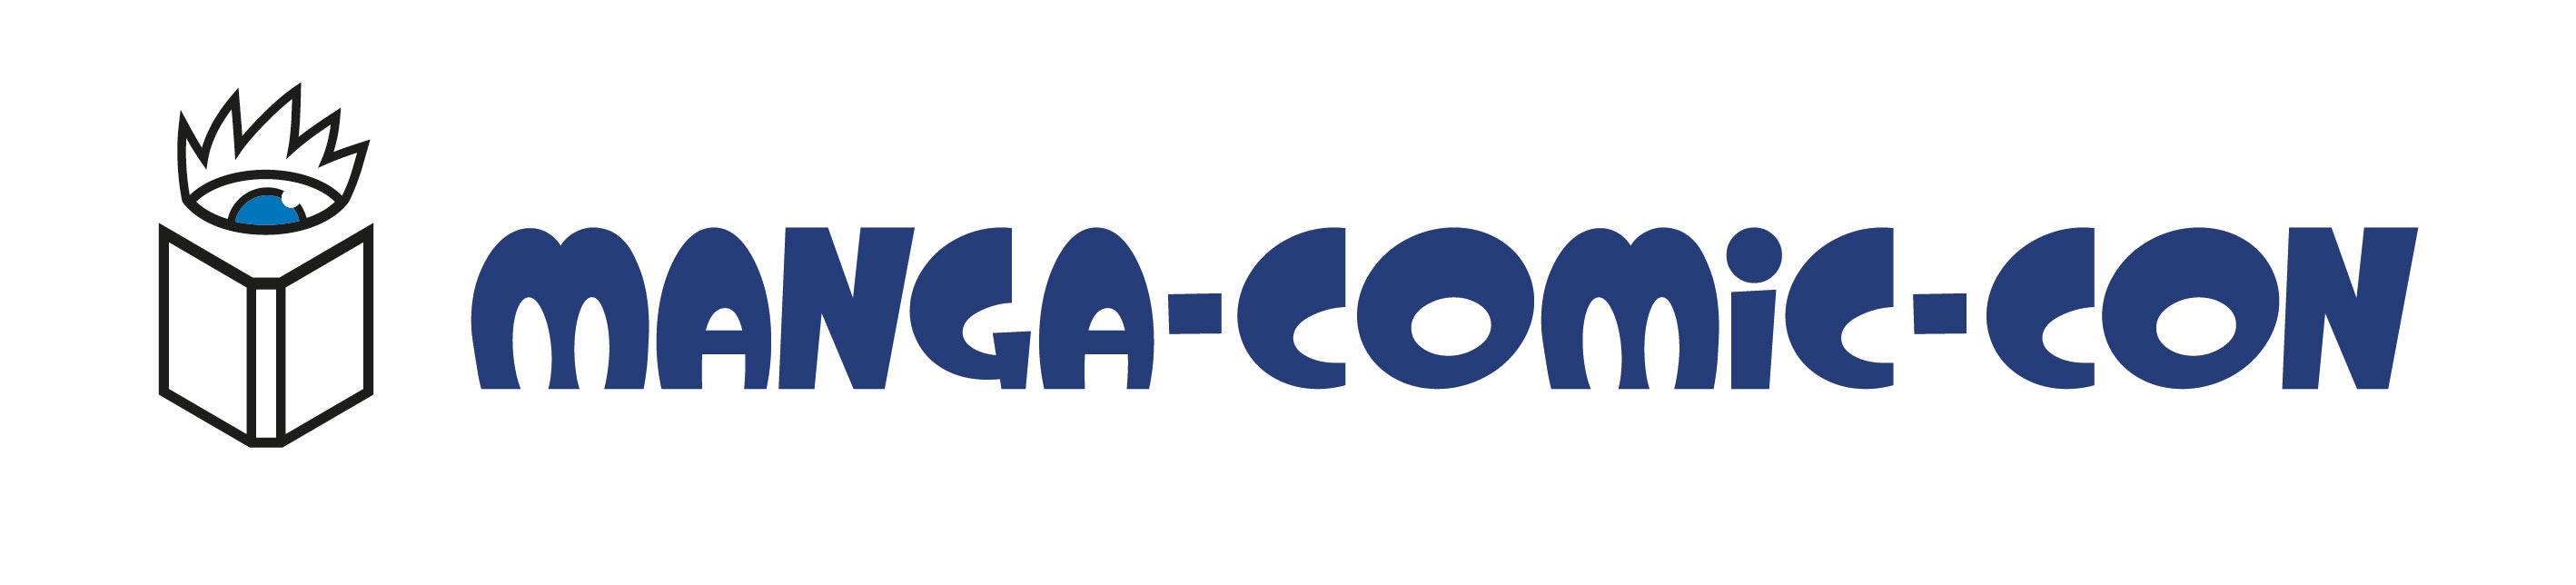 Manga-Comic-Con 2022